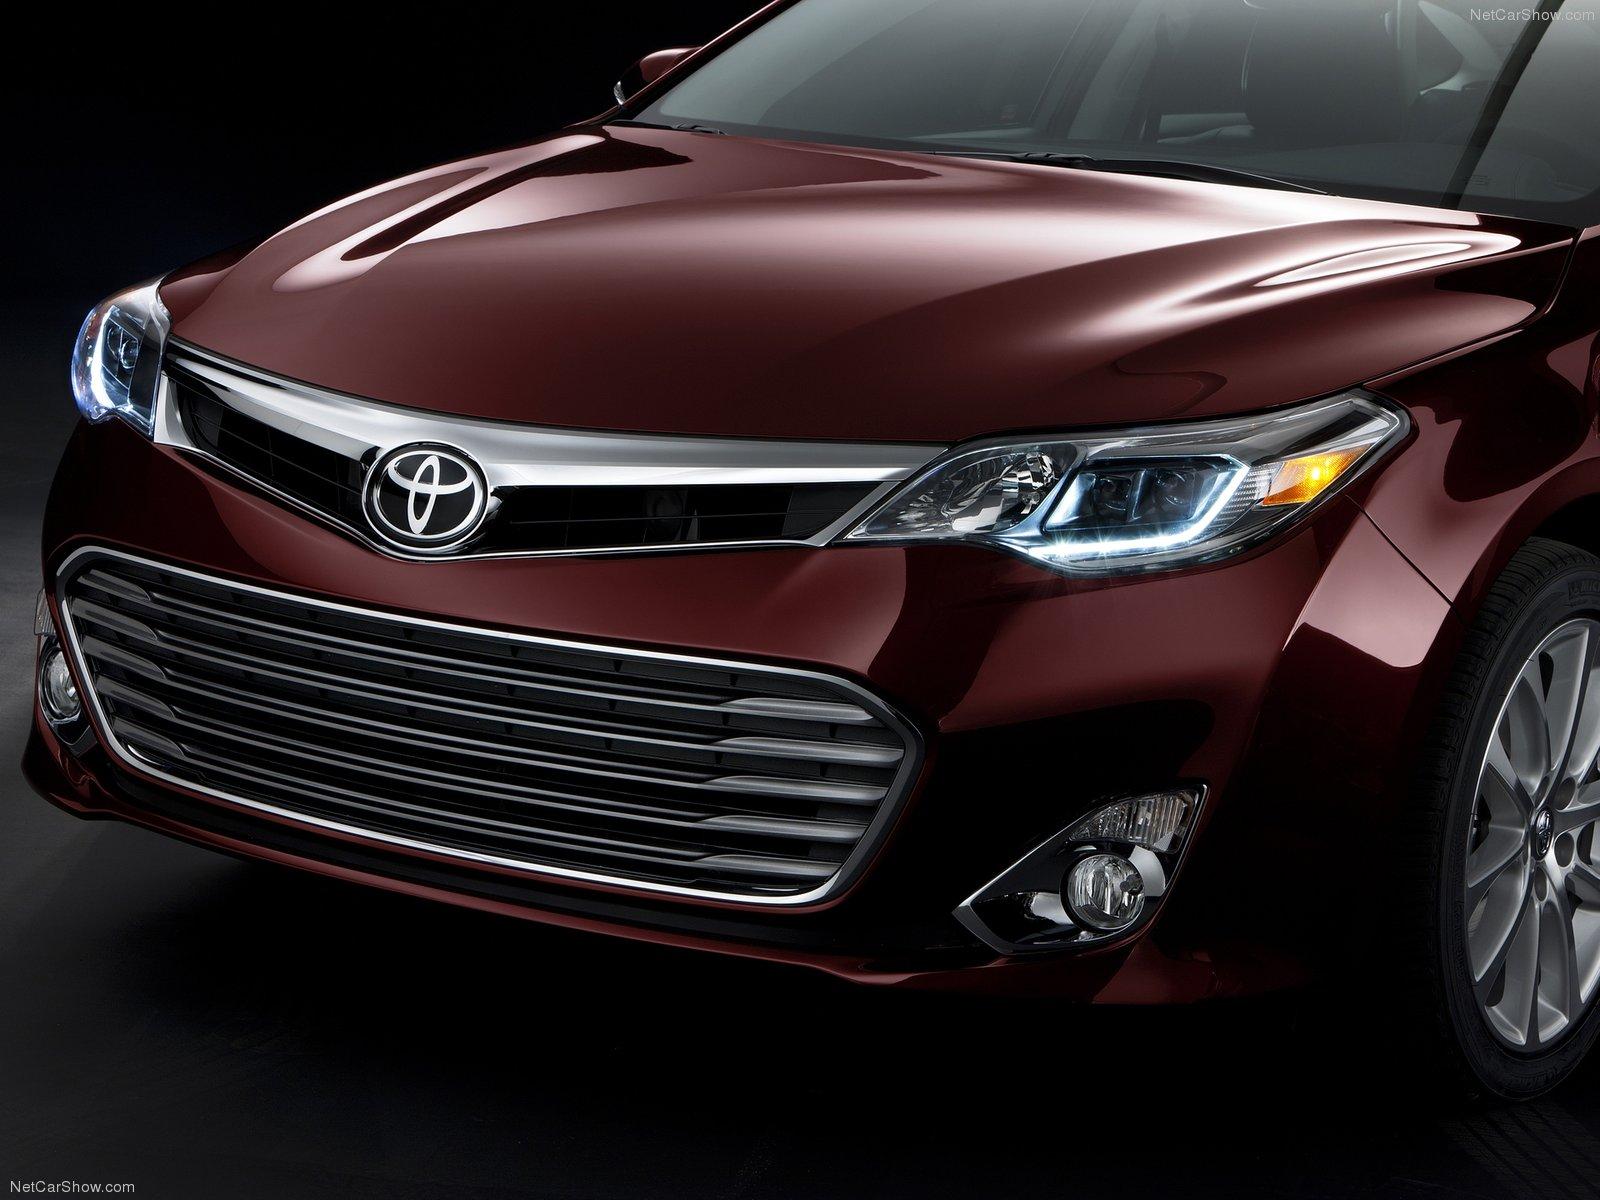 اسعار صور أفلون الجديدة Toyota Toyota-Avalon_2013_1600x1200_wallpaper_24.jpg